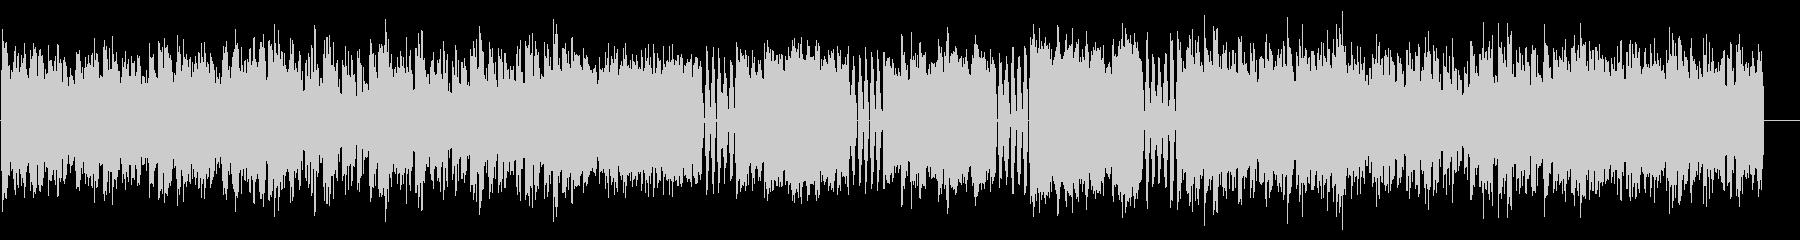 ファミコン調8bitのBGM 2の未再生の波形